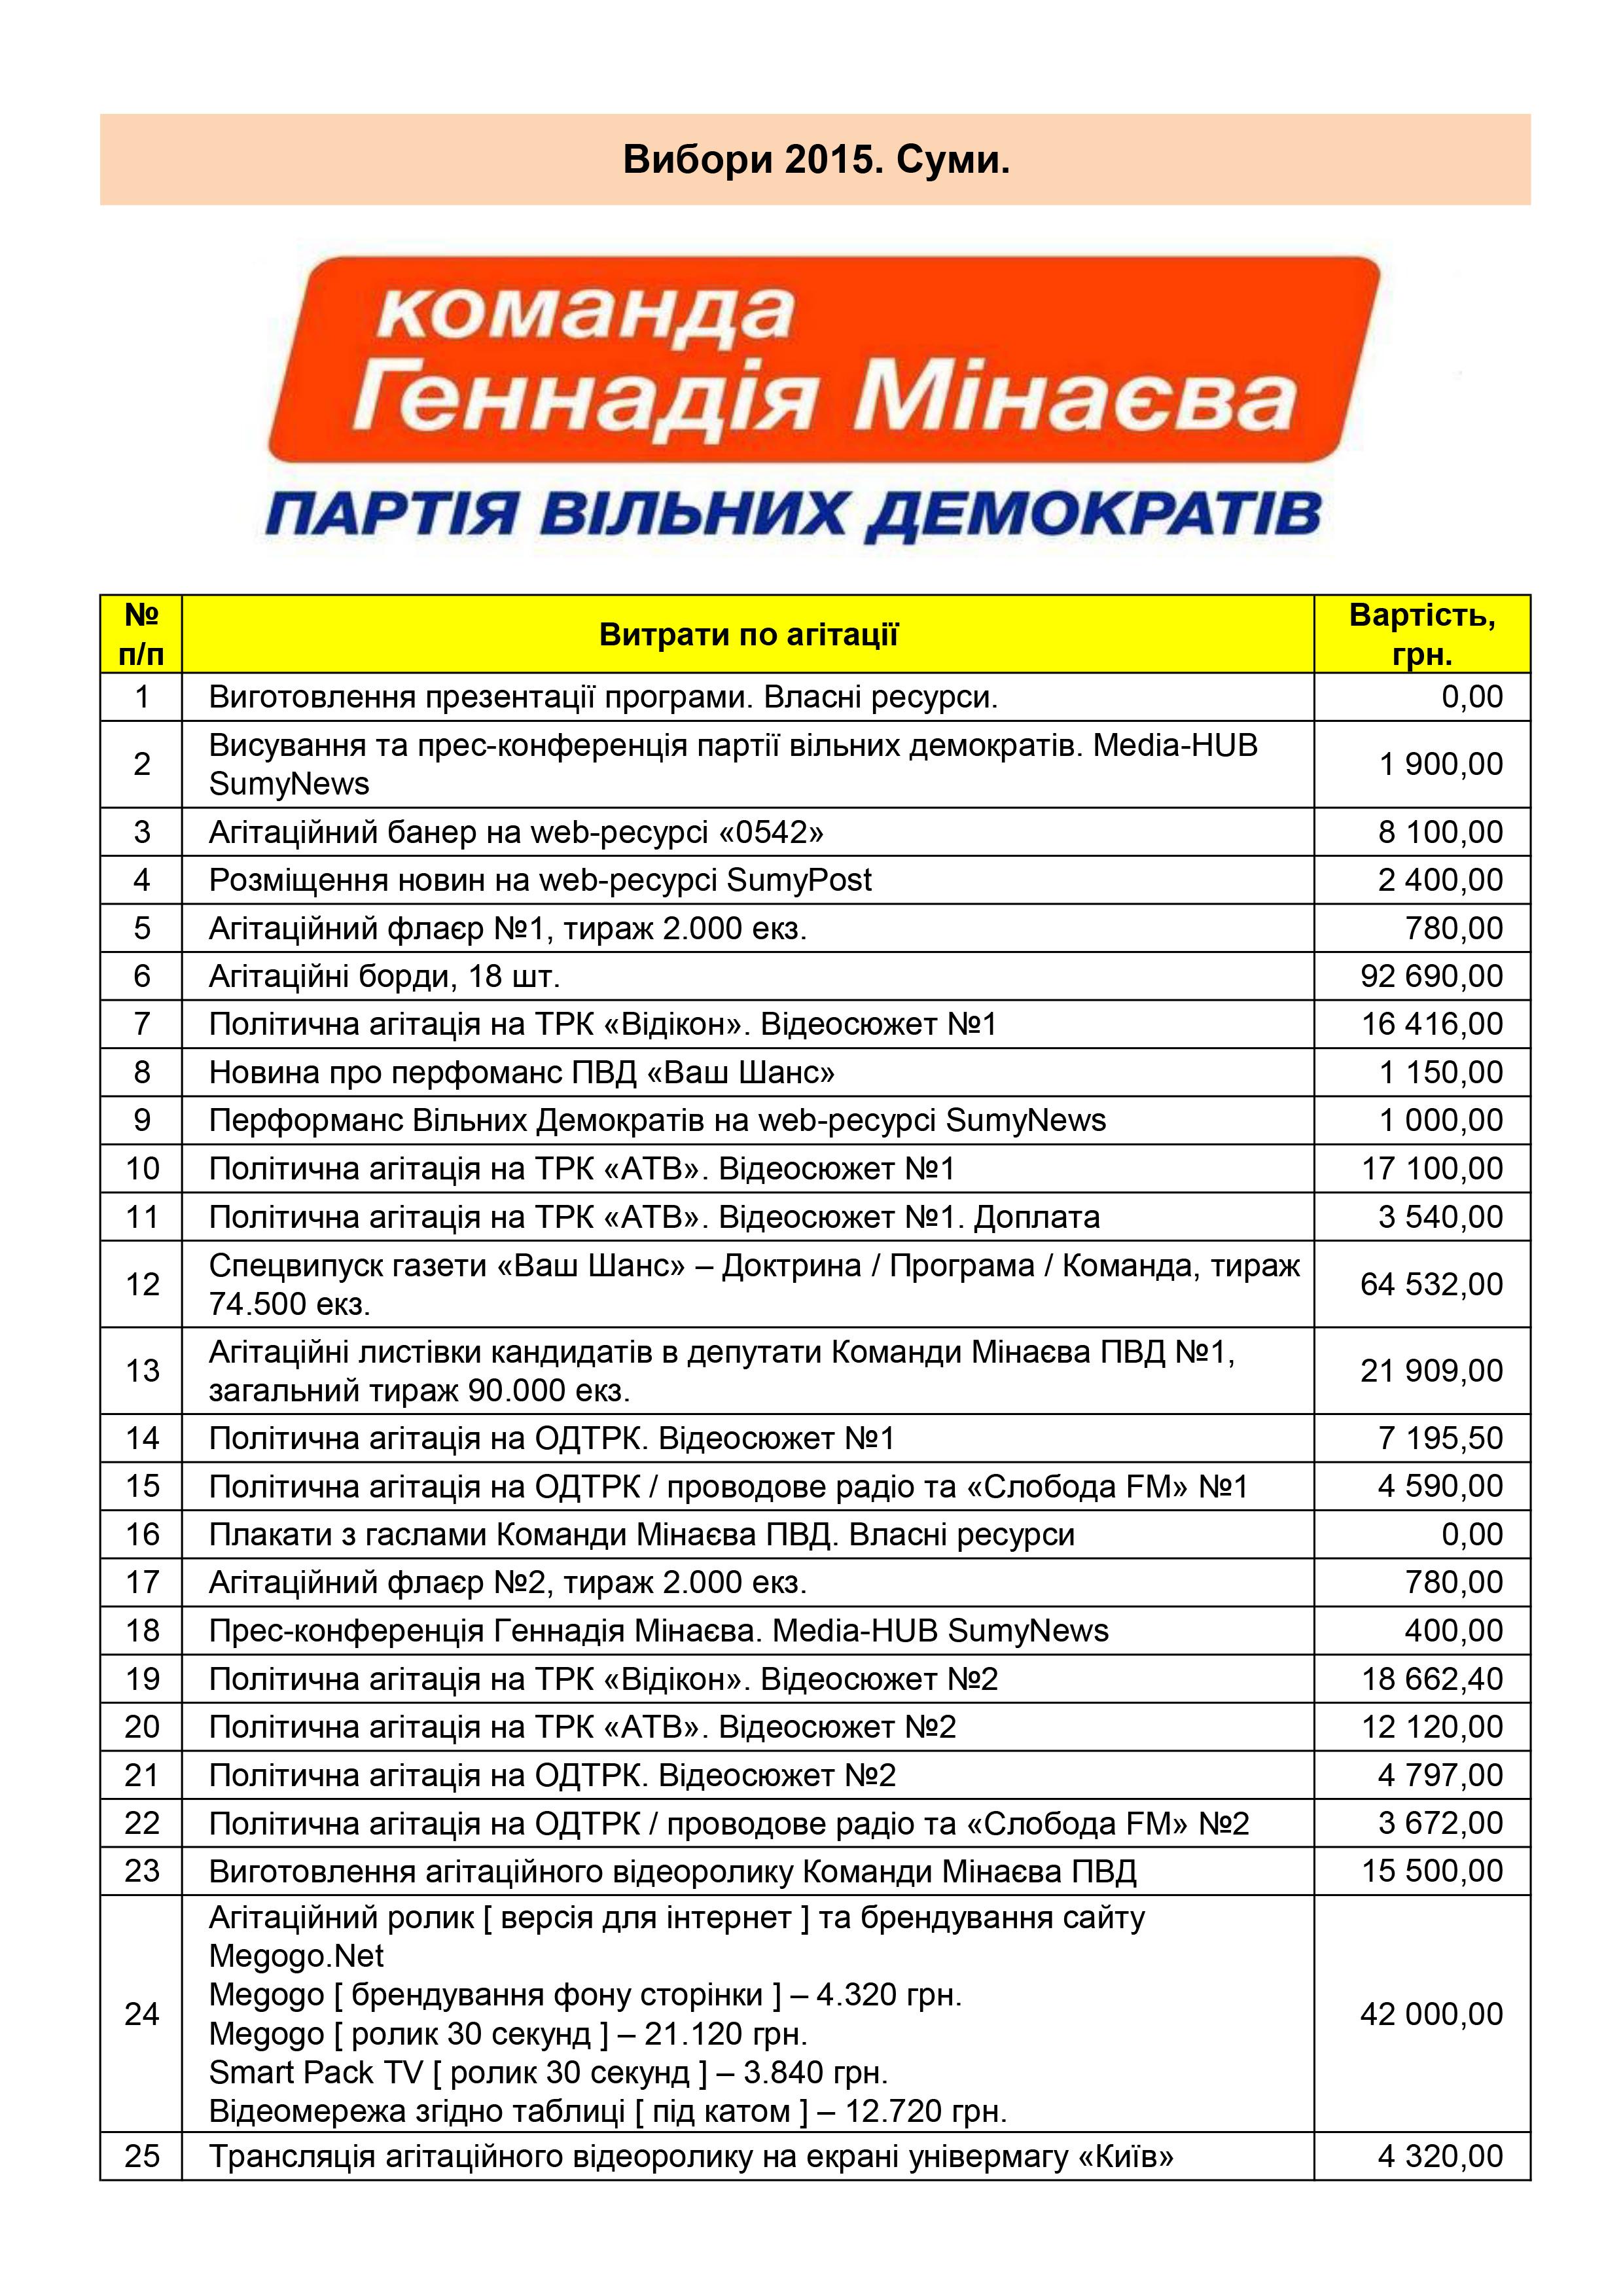 Витрати_Внески_ПВД_3-1